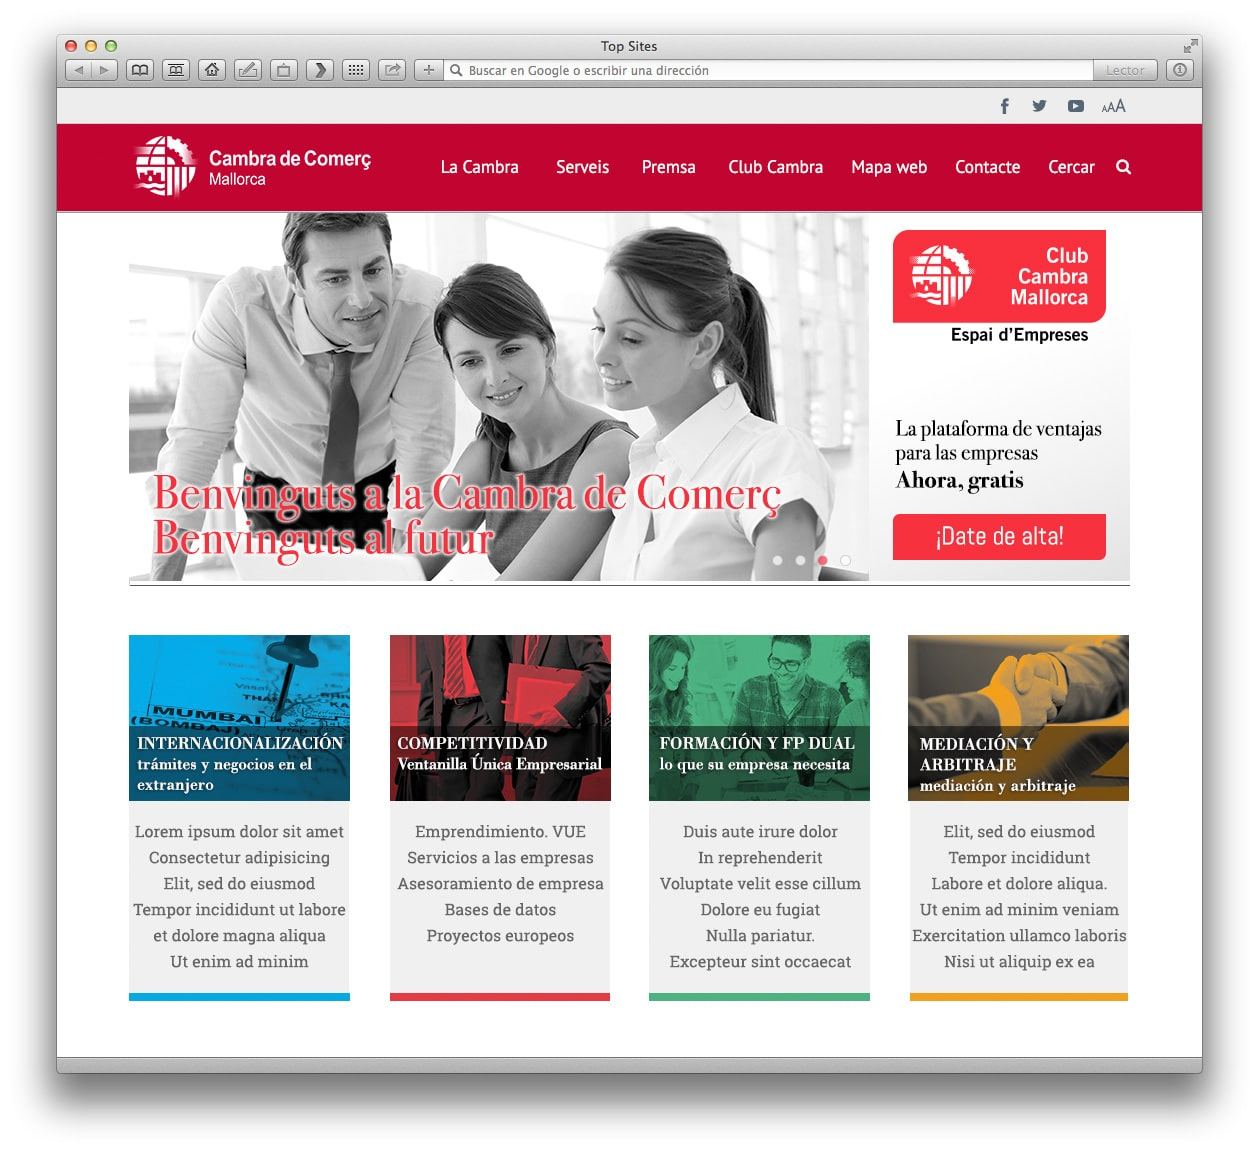 Cámara de Comercio, web